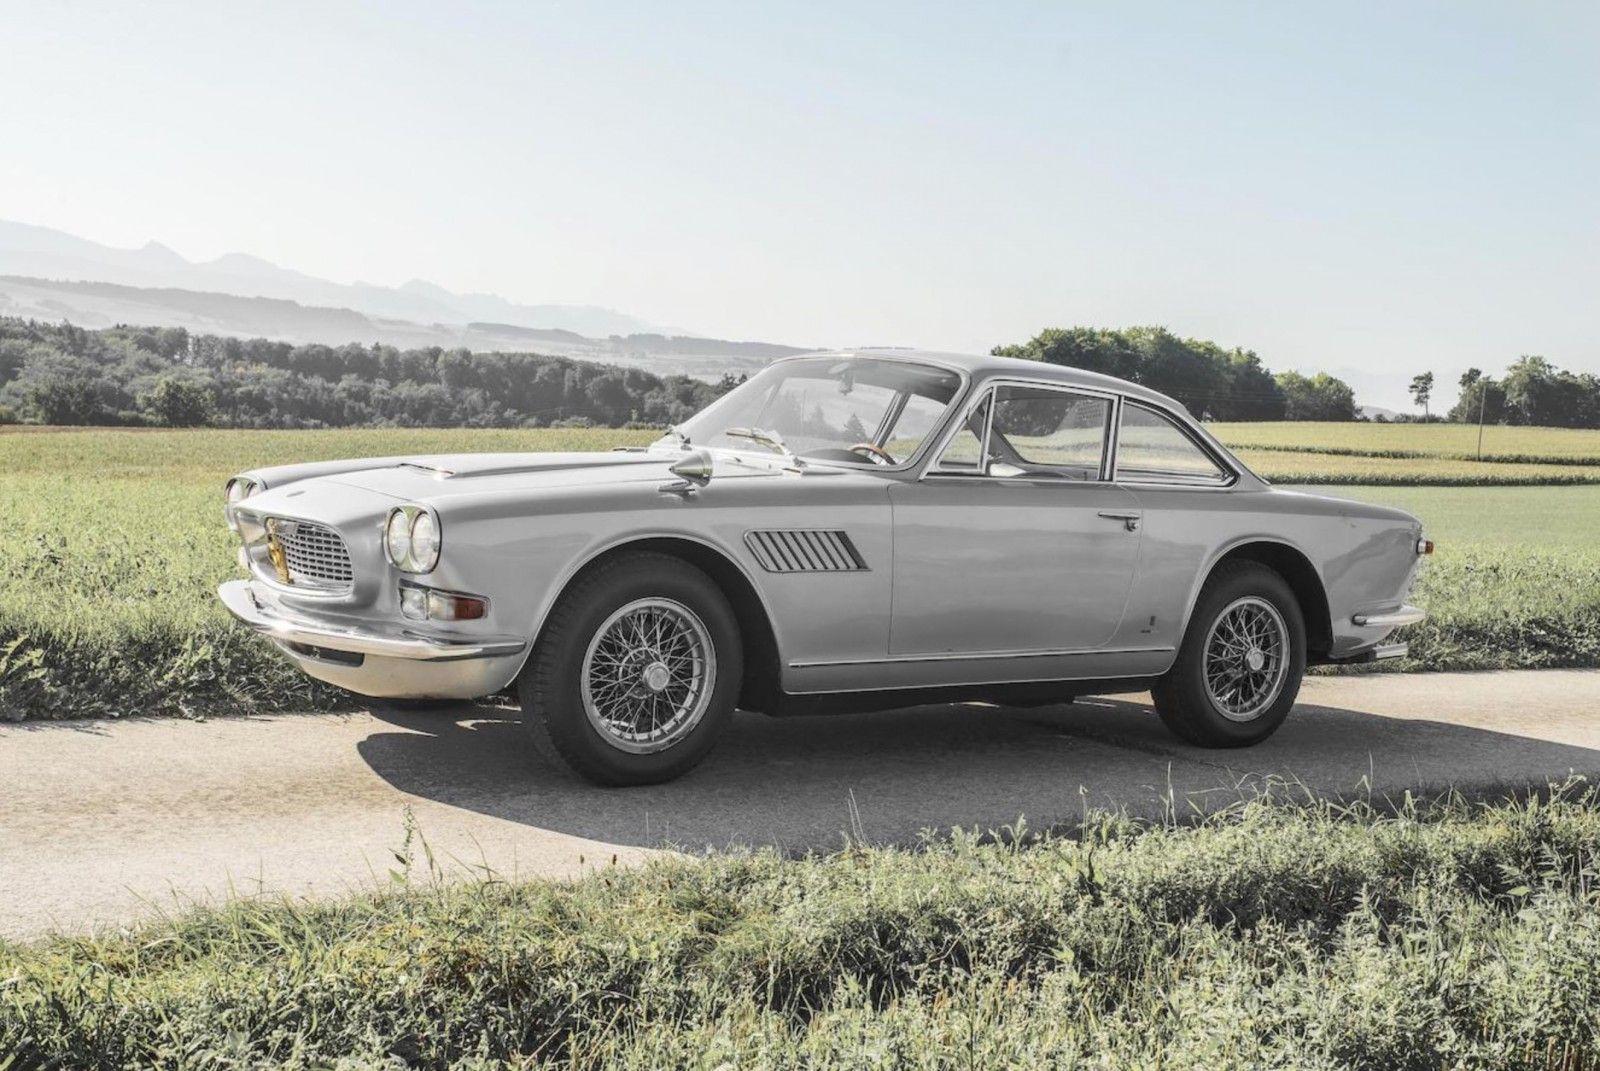 1967 Maserati Sebring 3.7L   I6, 3,694 cm³   245 hp   Design: Giovanni Michelotti, Vignale